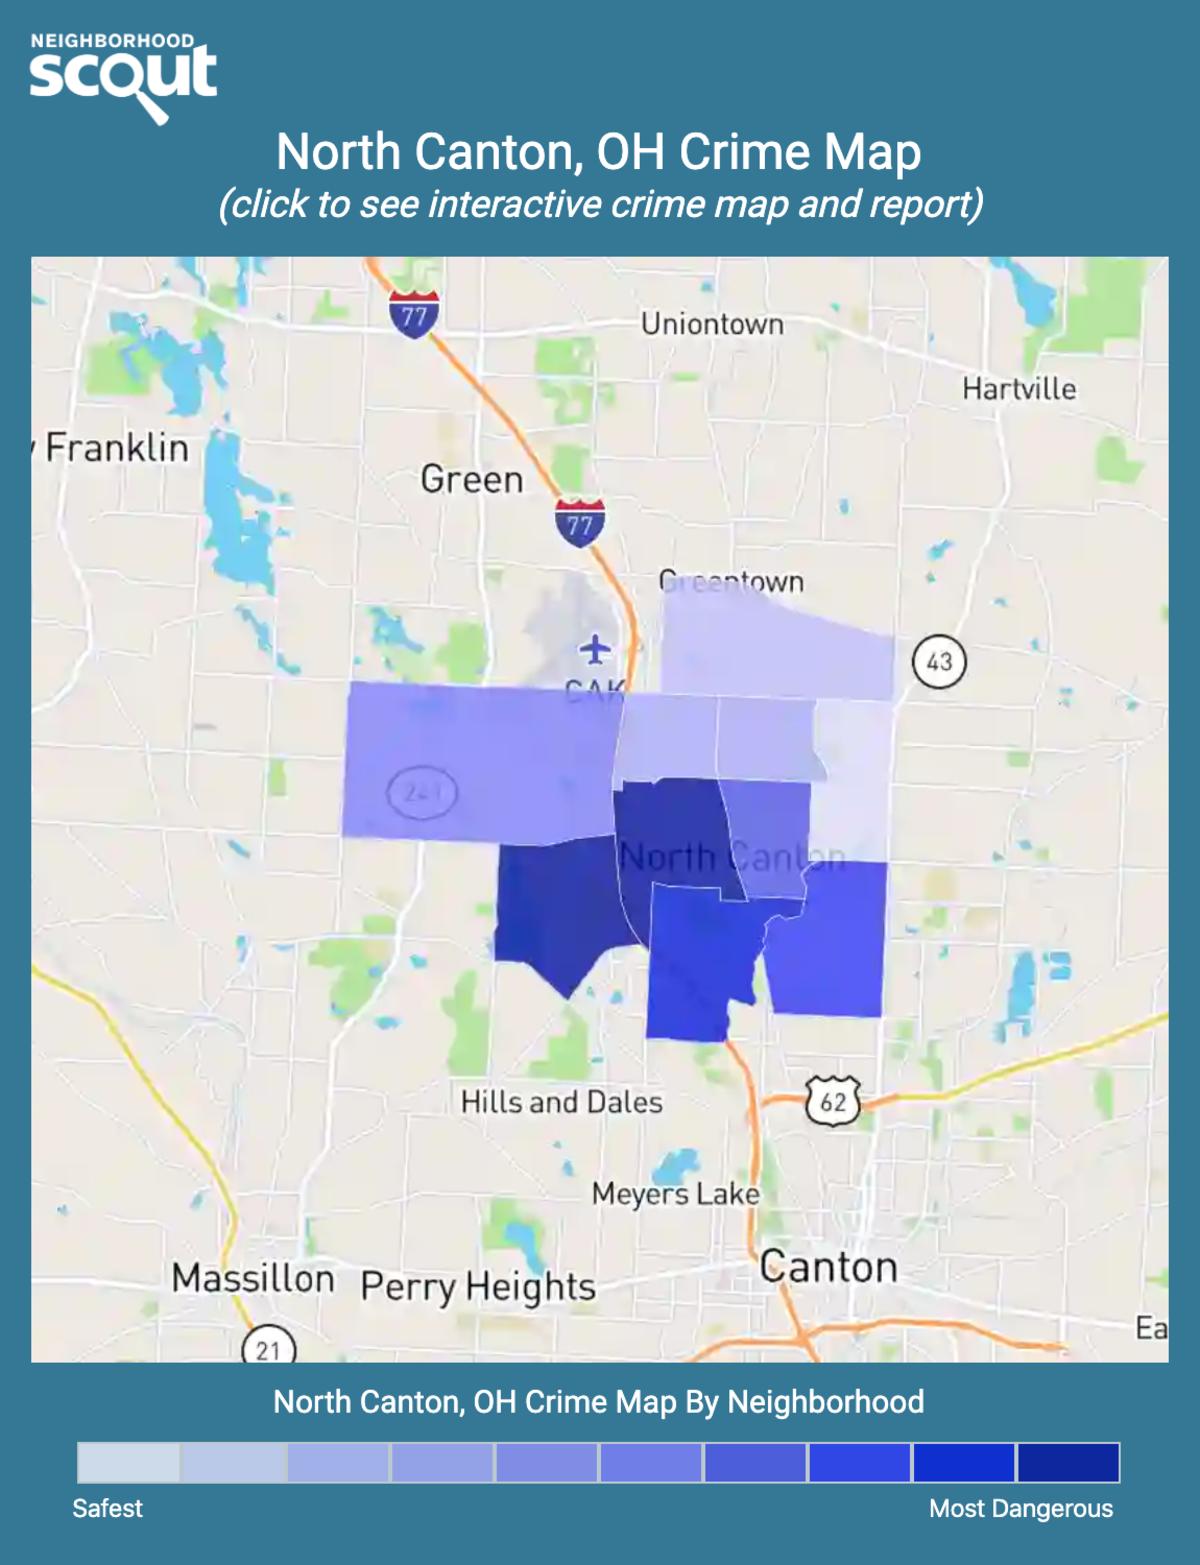 North Canton, Ohio crime map